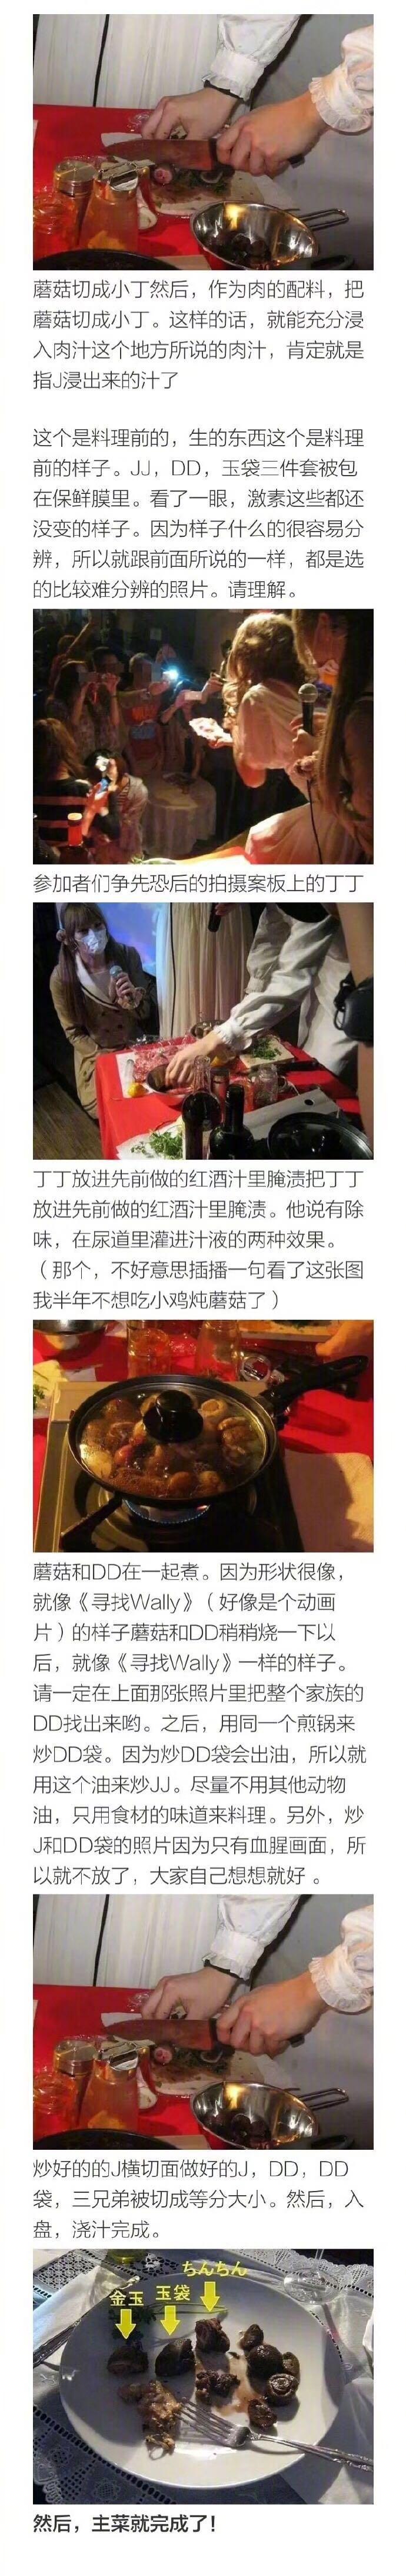 「大吉大利,今晚吃鸡」日本画家下面给大家吃!(重口) 福利小栈 第3张